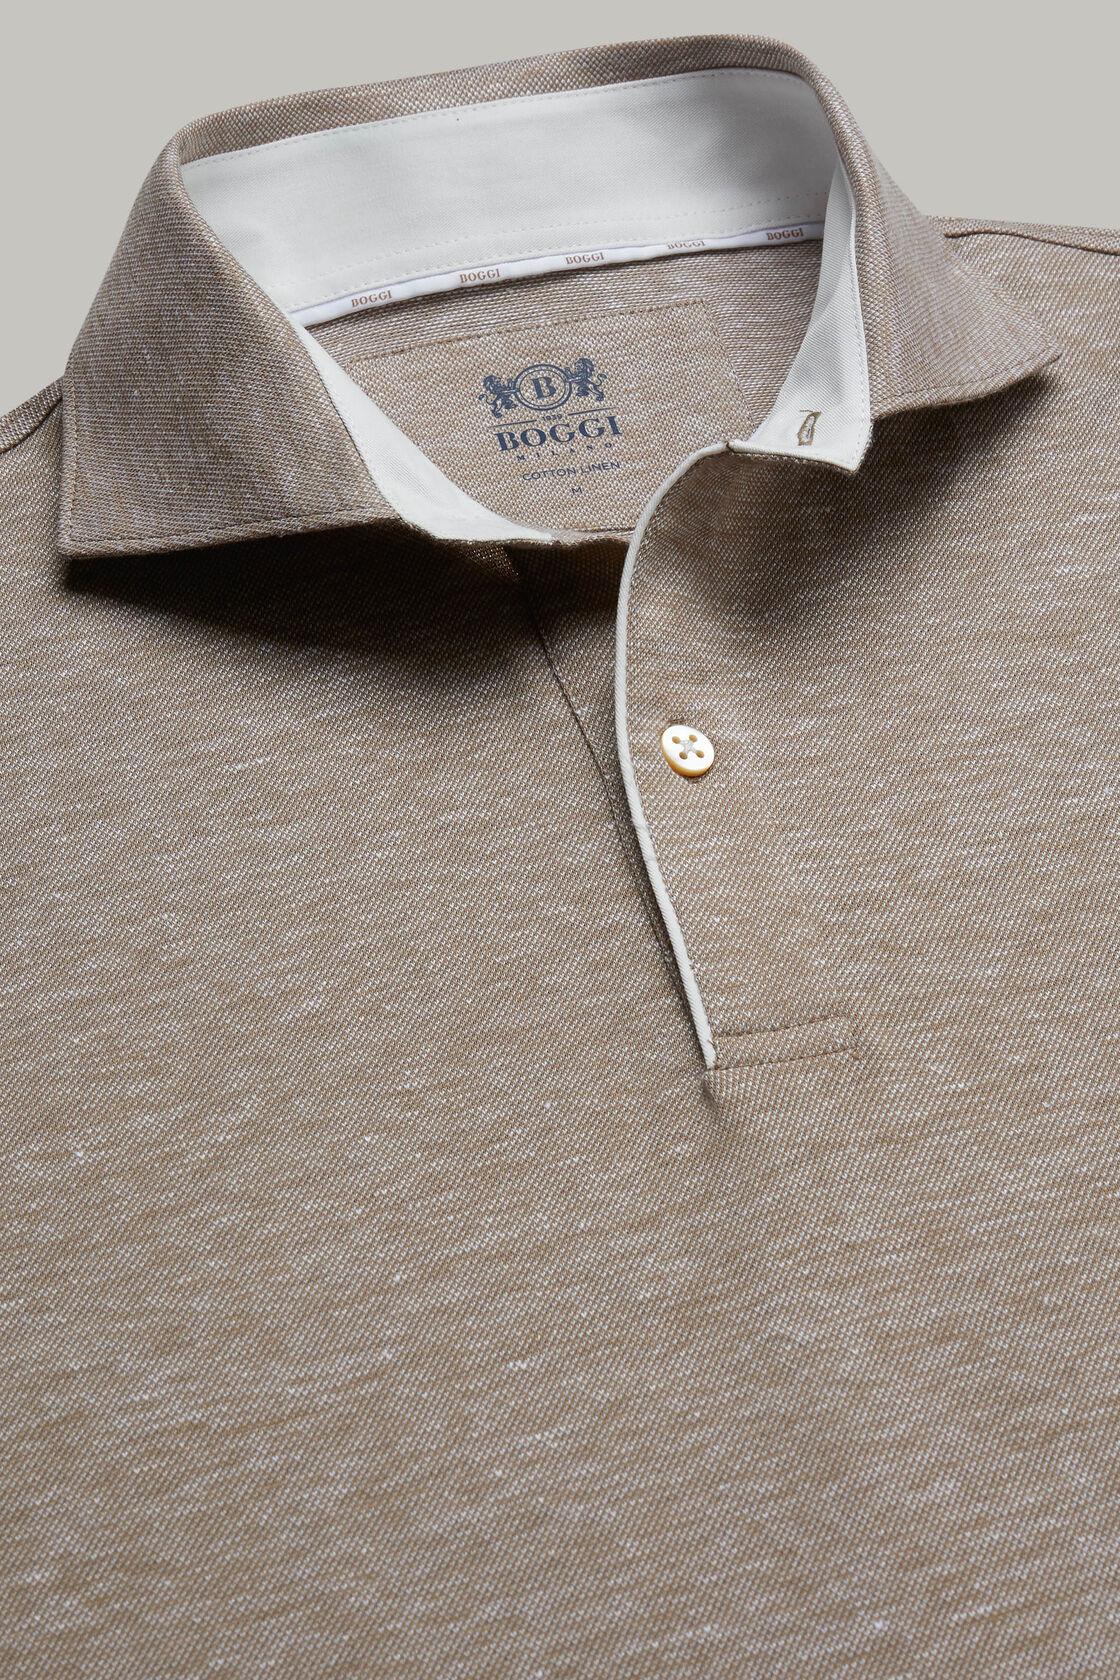 Polo aus baumwollpiqué und leinen regular fit, Beige, hi-res